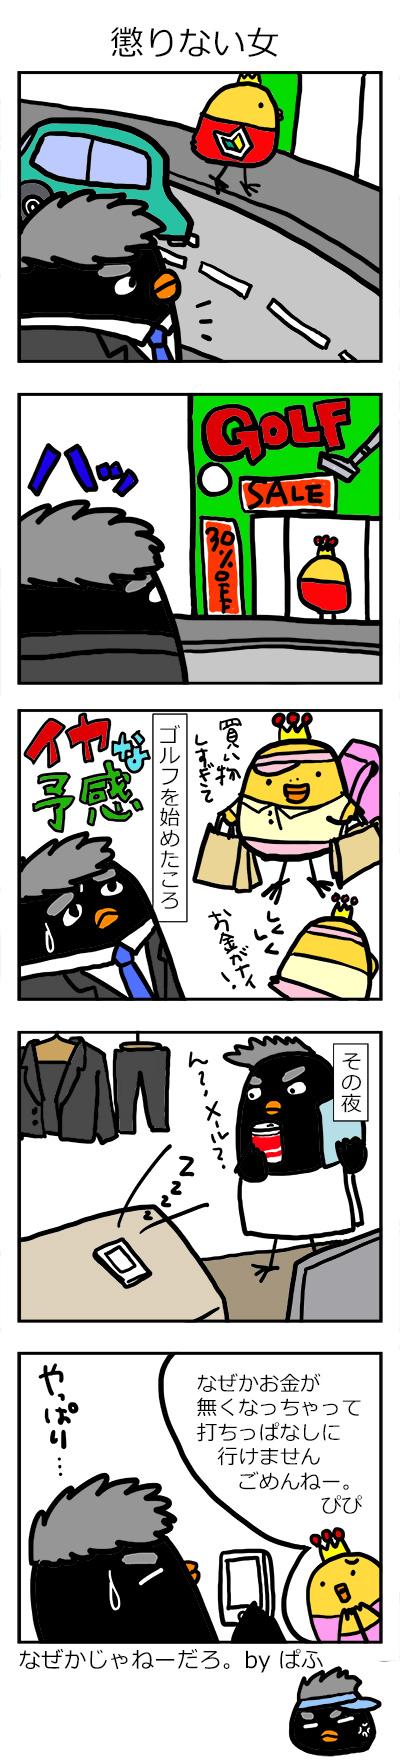 12_hina1.jpg